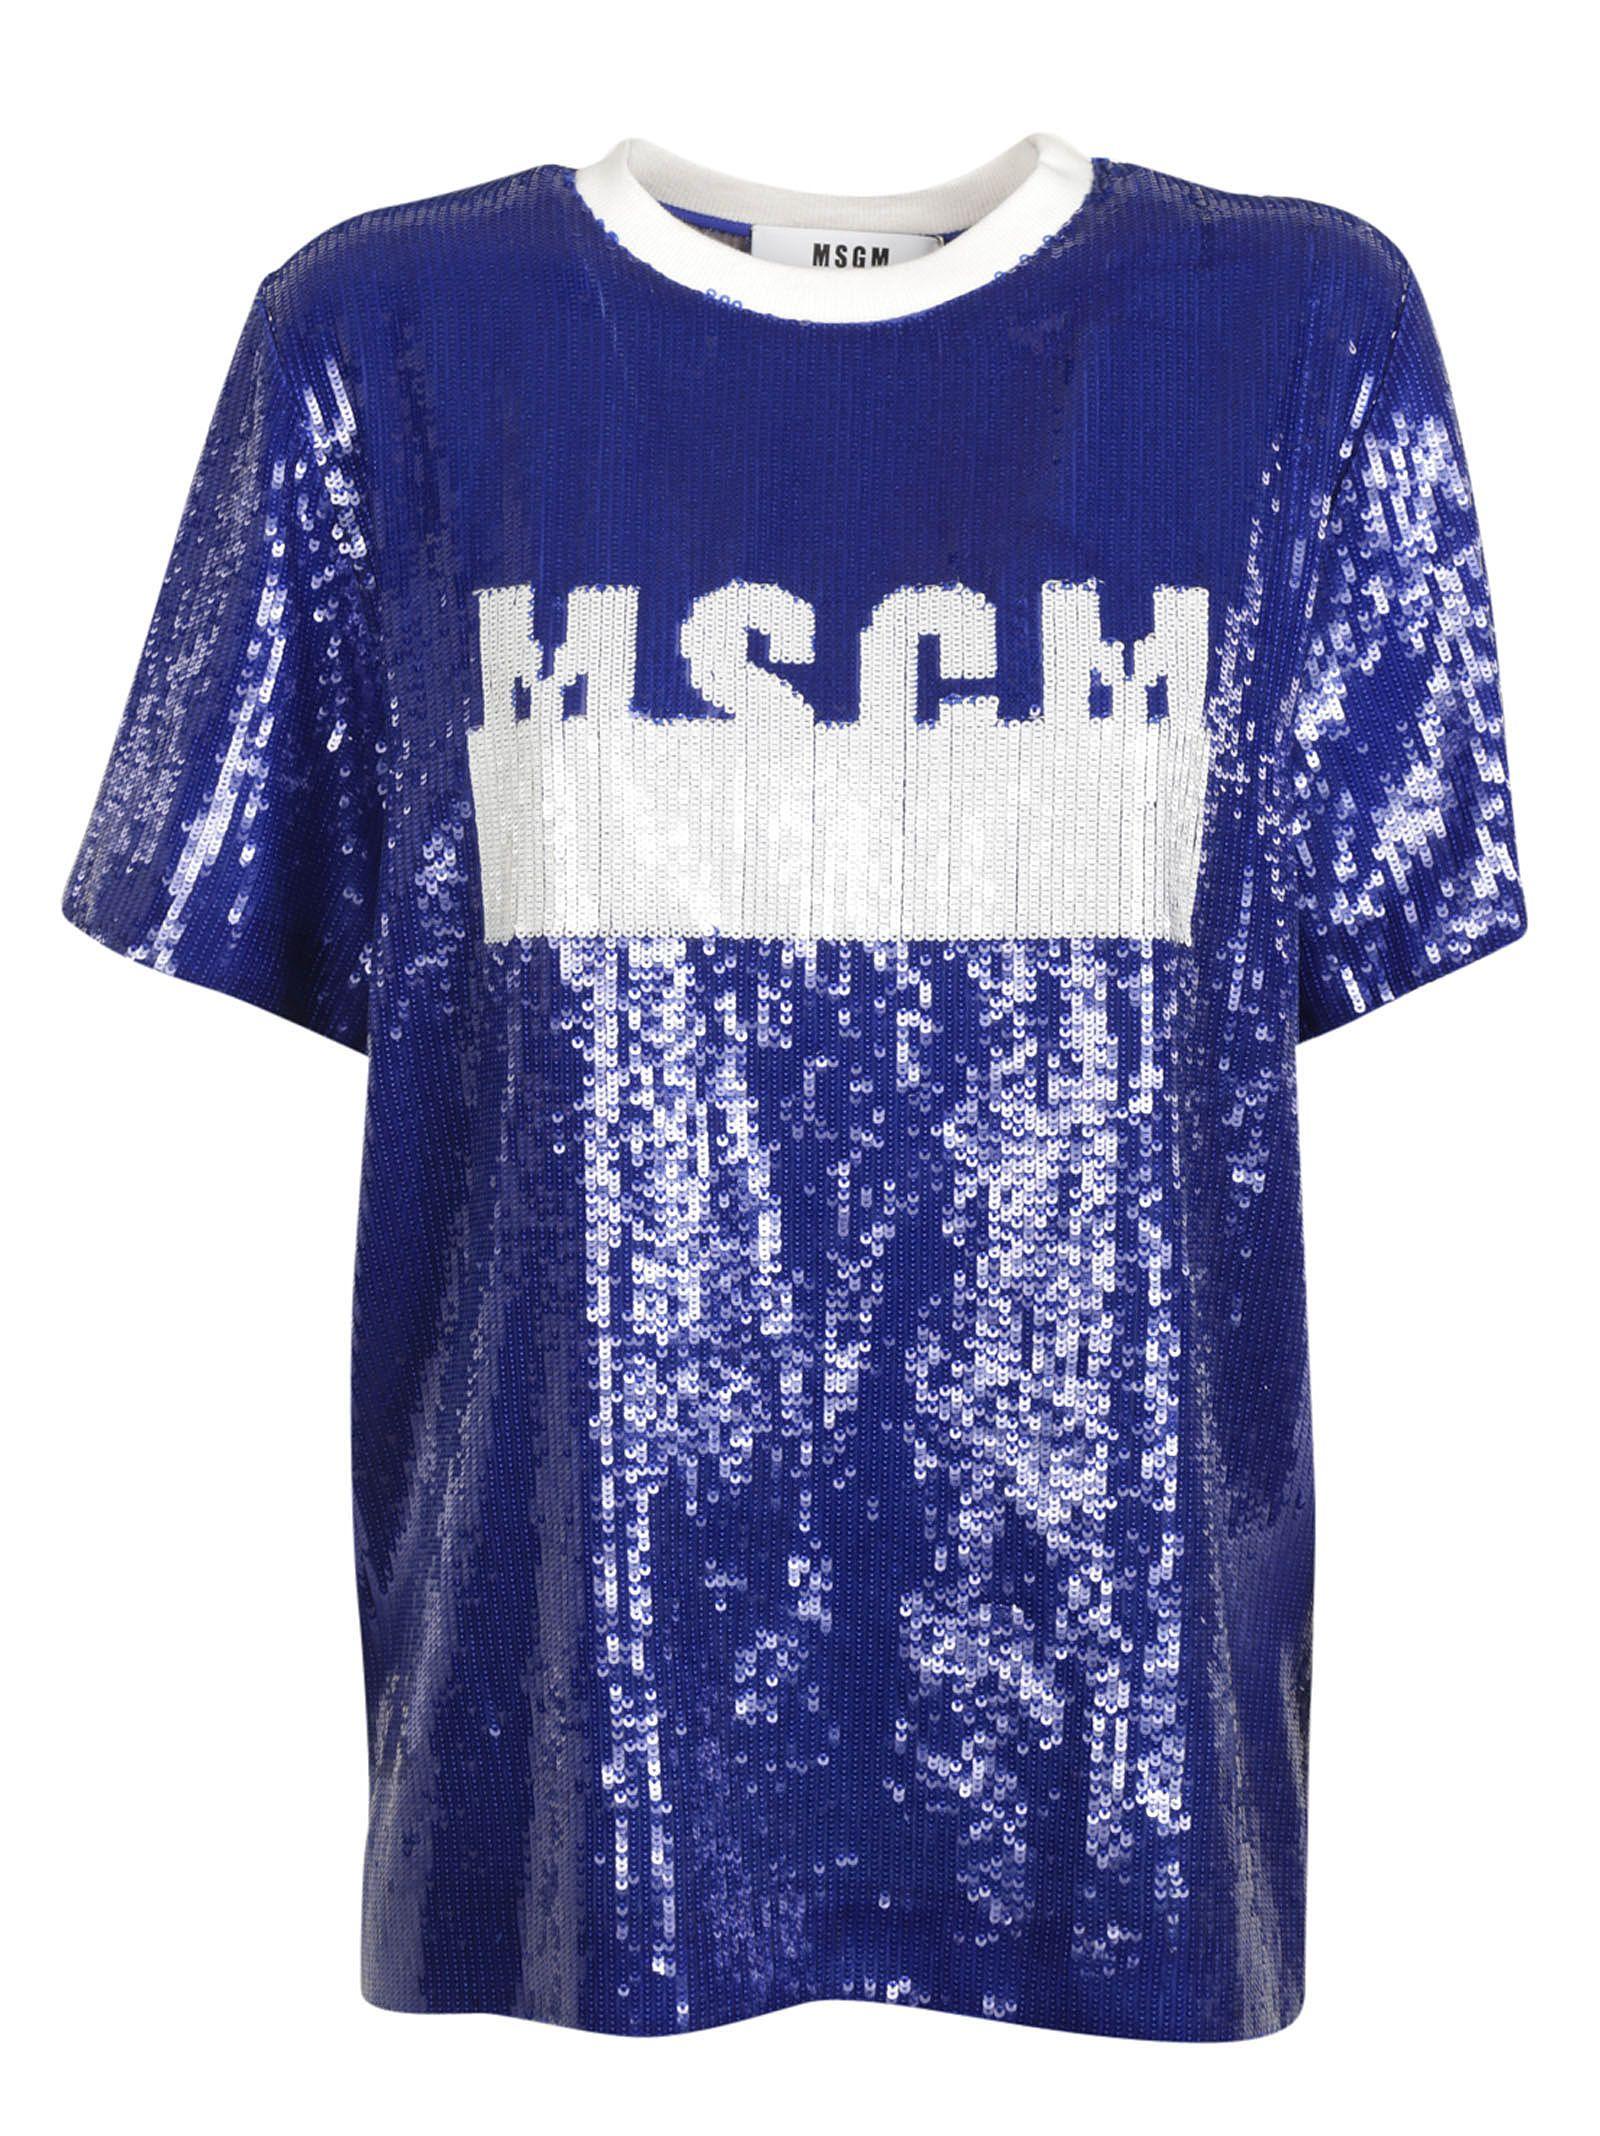 Msgm: Blue Sequin Embellished T-shirt